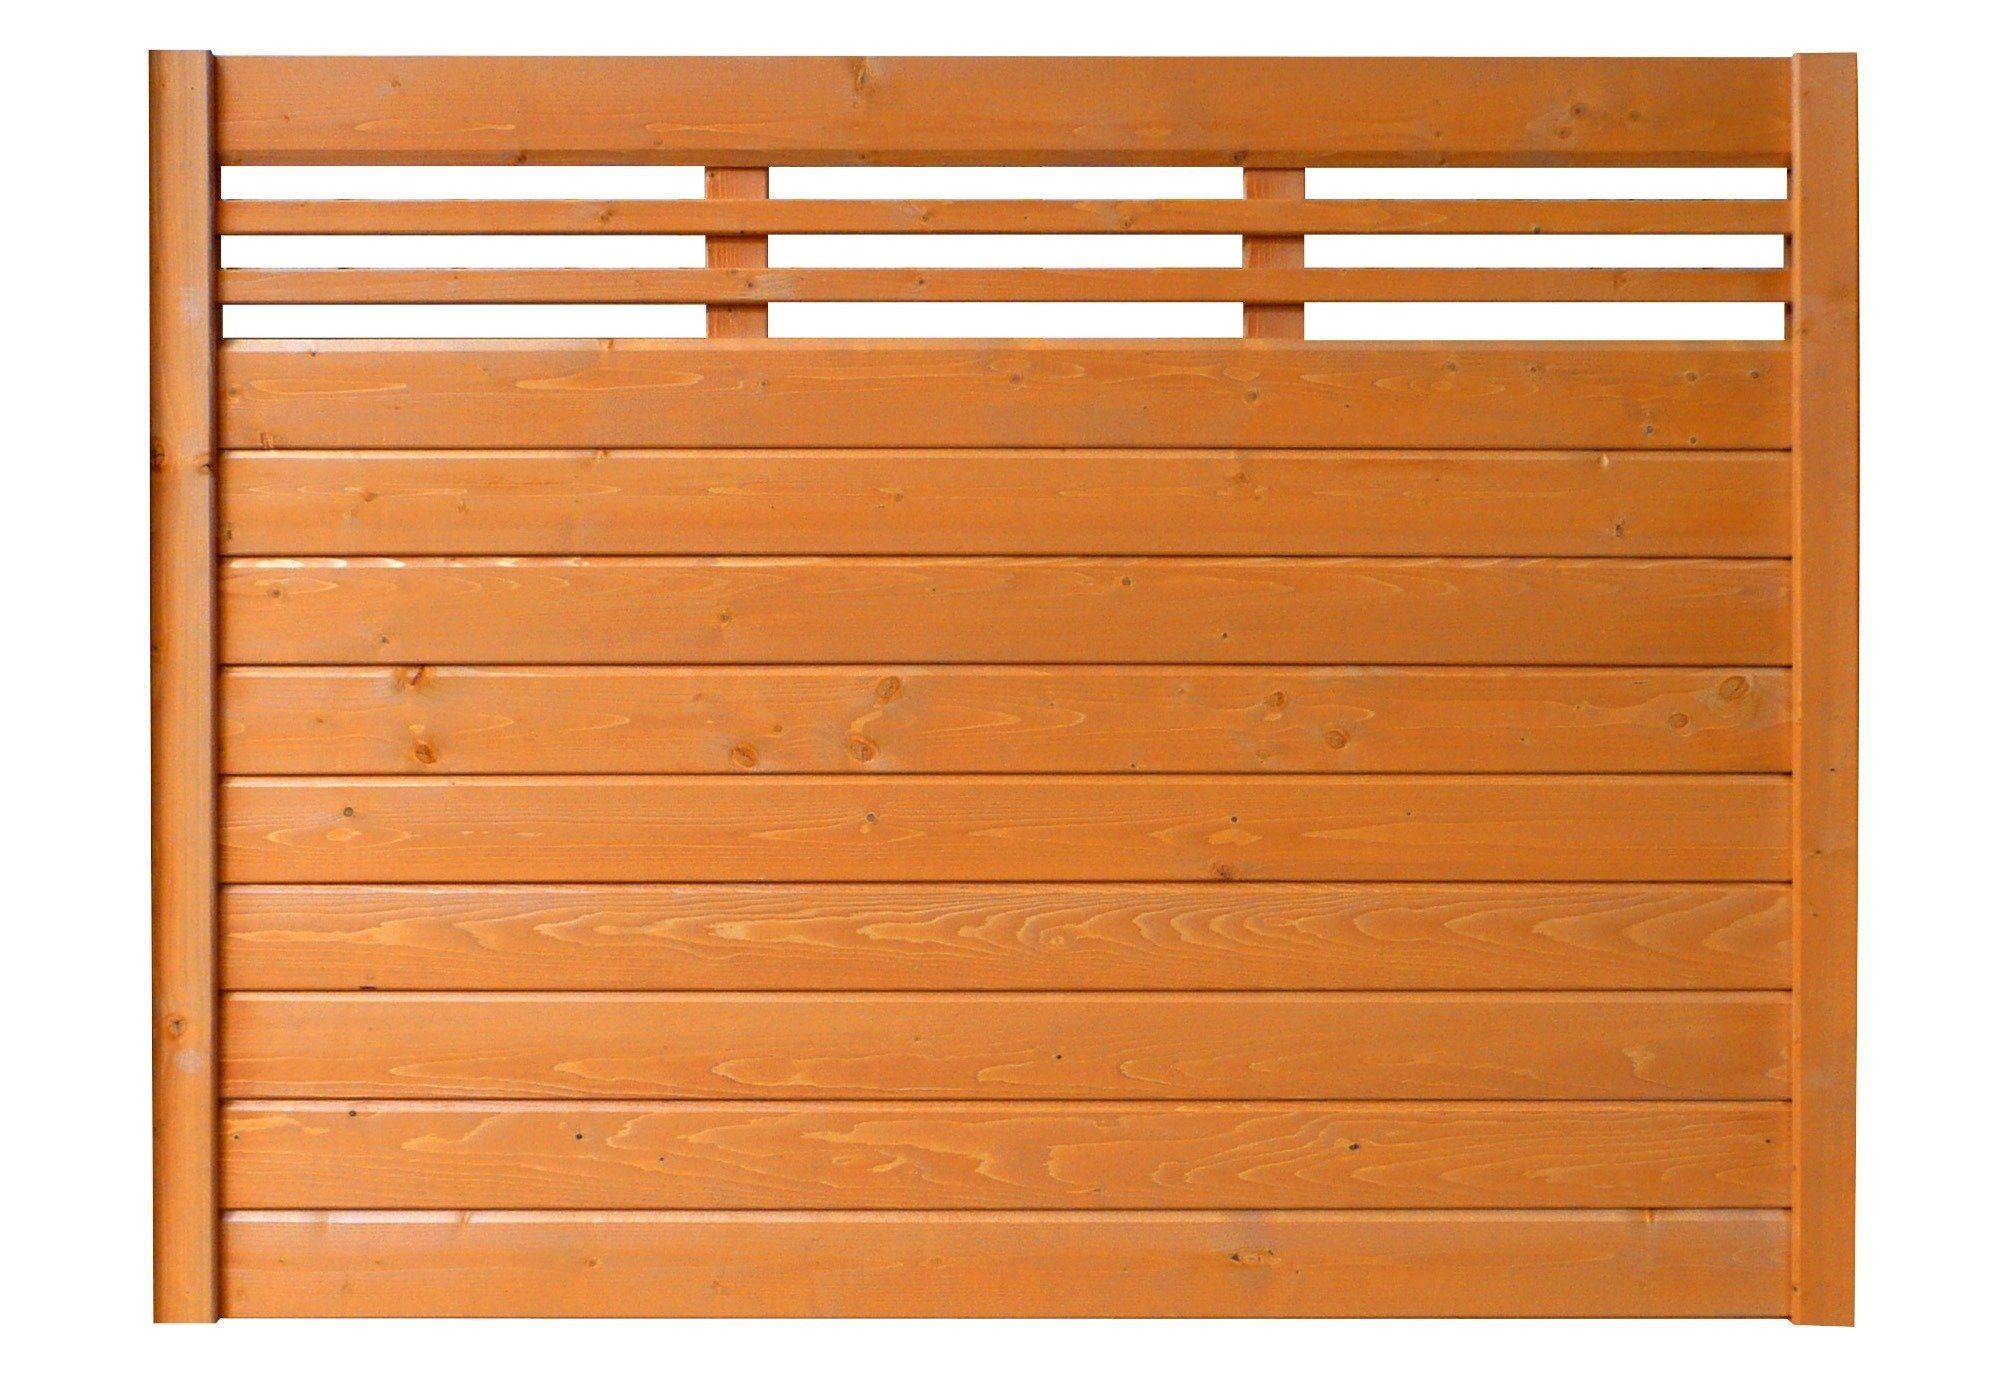 Bm Massivholz Sichtschutz Zaunelement kirschbaumfarben »EA5Y-F1X 2« (Höhe 135 cm)